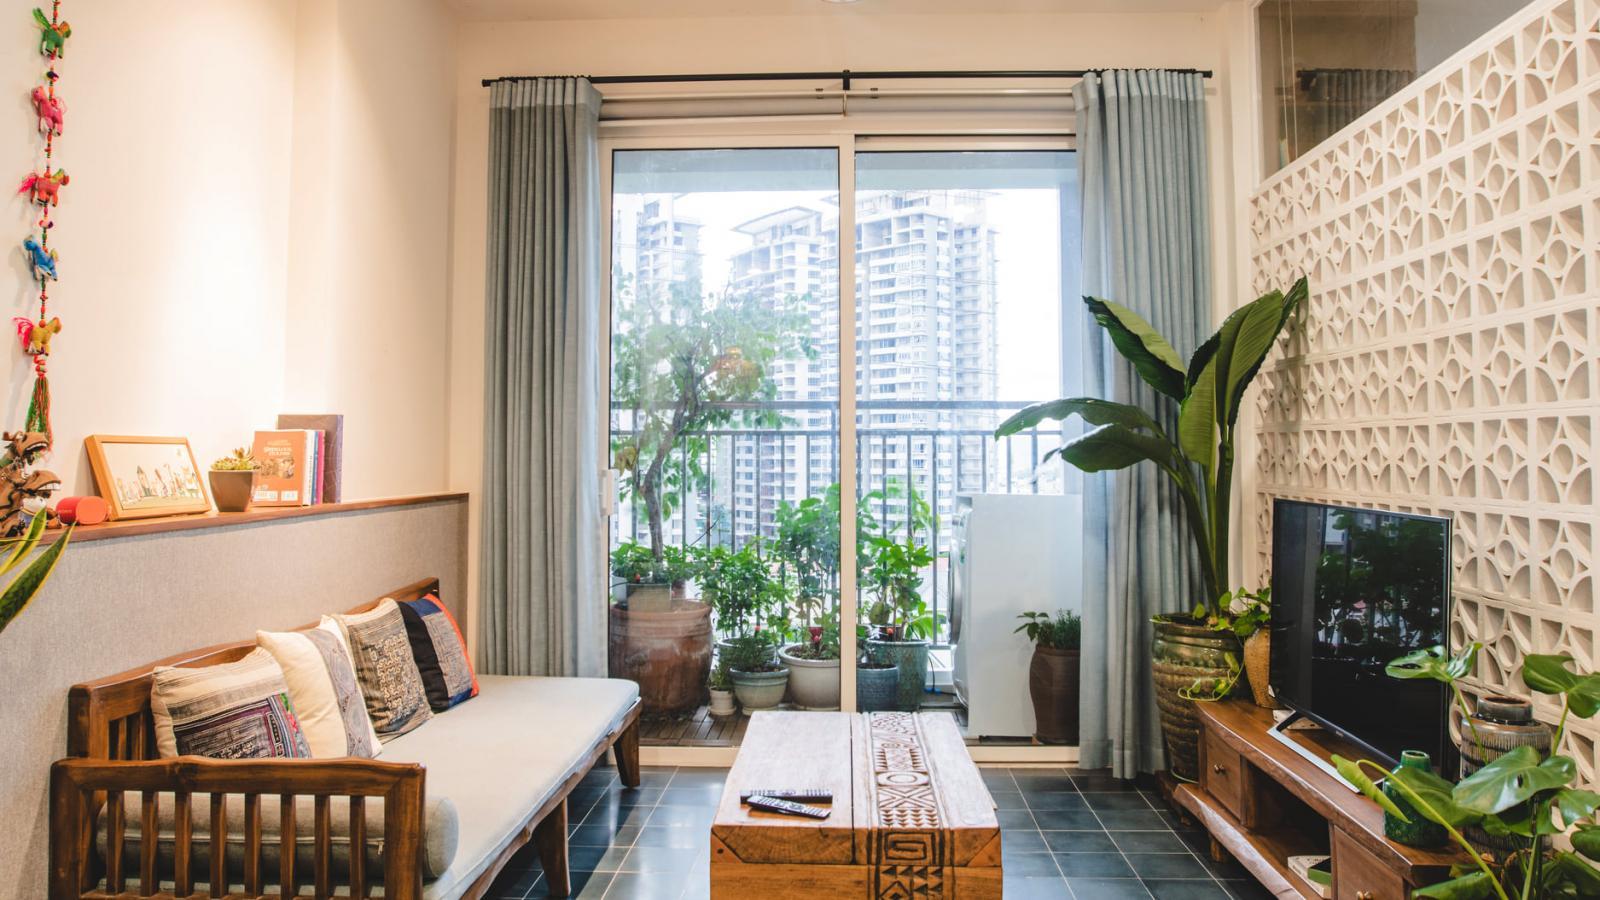 Phòng khách căn hộ nhìn ra ban công xanh mát.